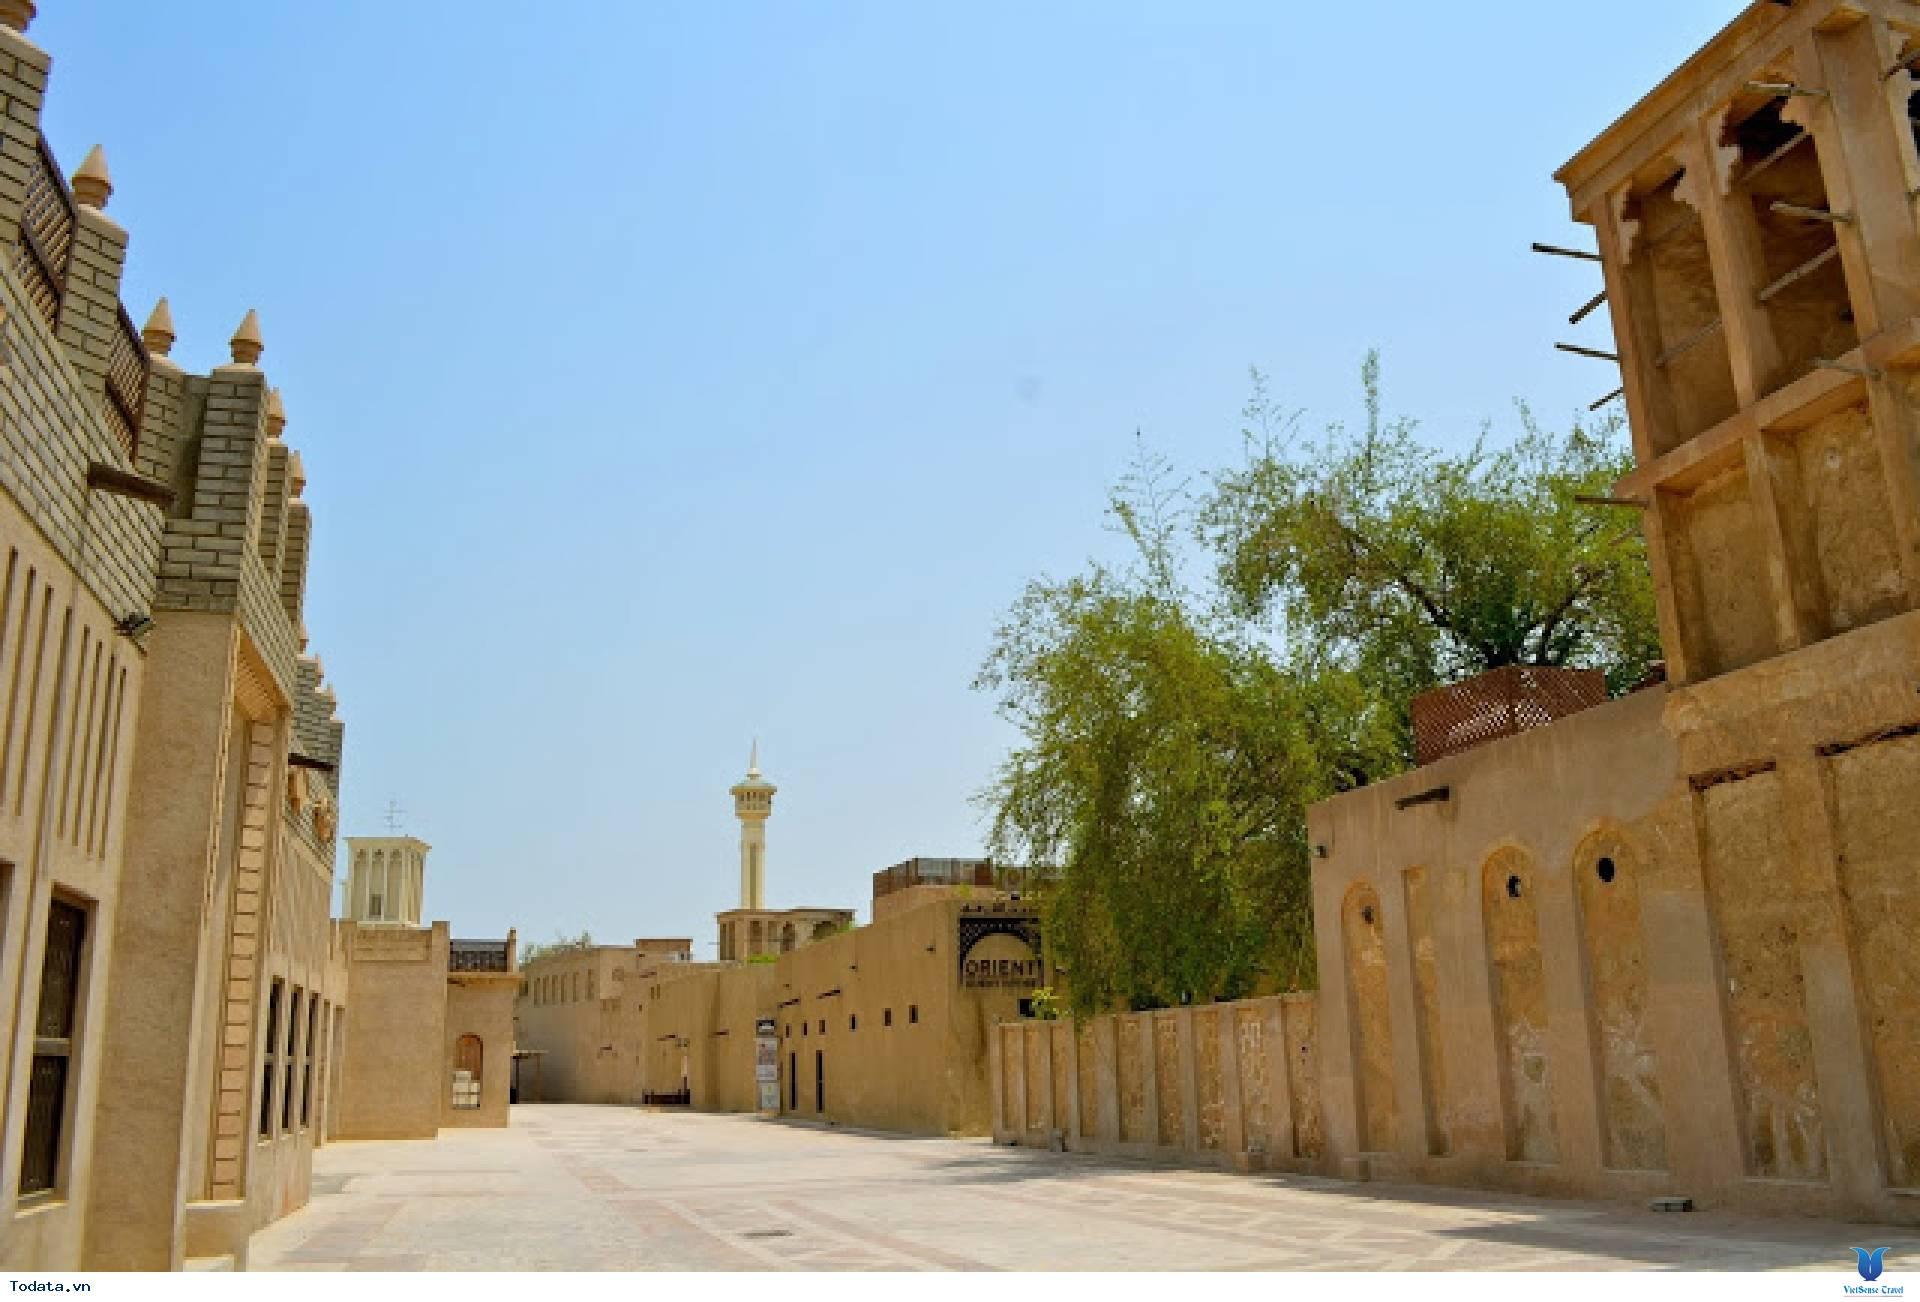 Tìm lại Dubai Cổ Kính Qua Góc Phố Cổ Al Bastakiya - Ảnh 3